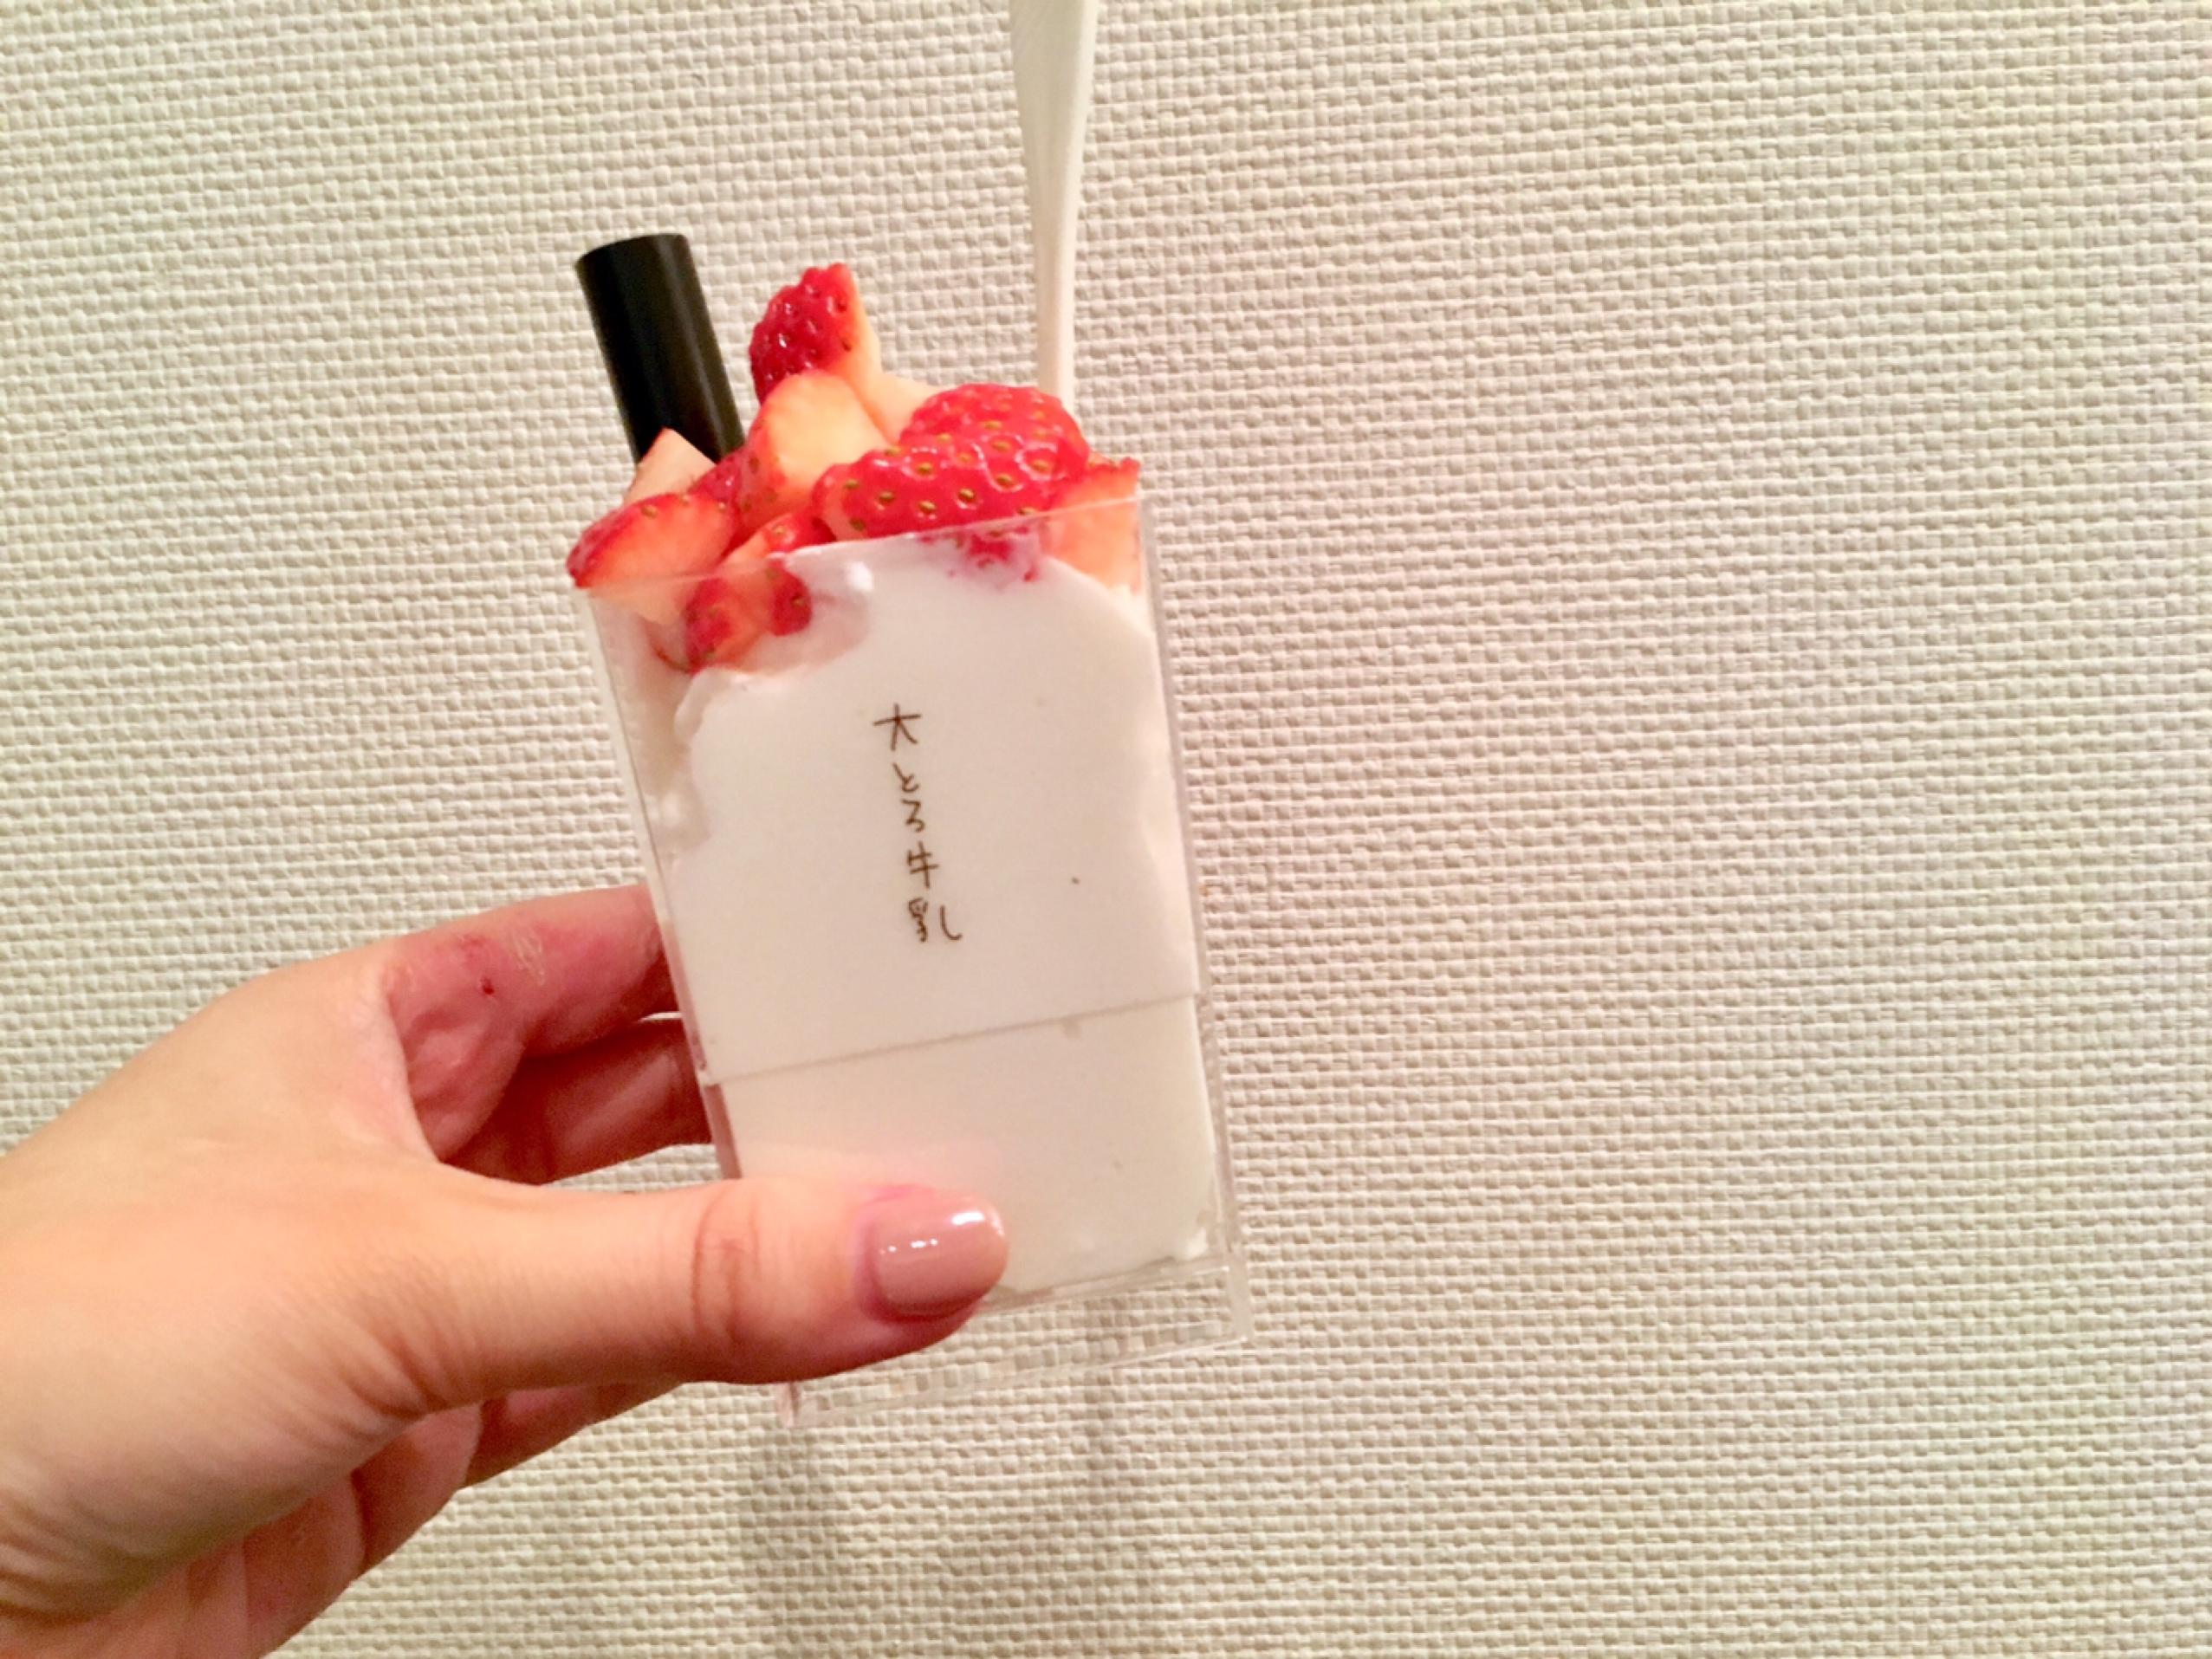 群馬で大人気!『大とろ牛乳』が東京でも食べられるって知ってた?_4